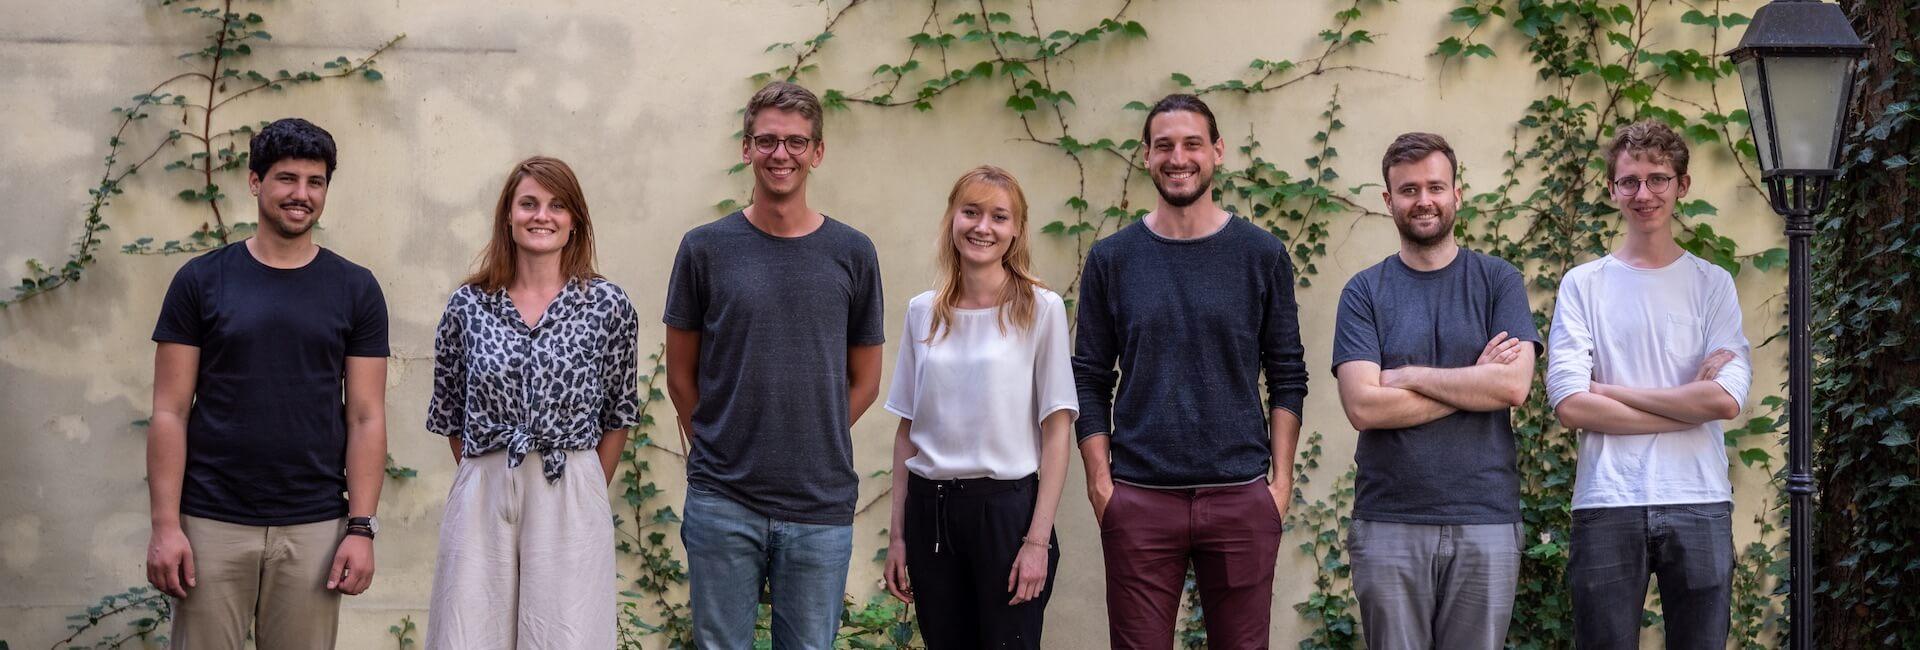 Limebit Teamfoto draußen im Hinterhof